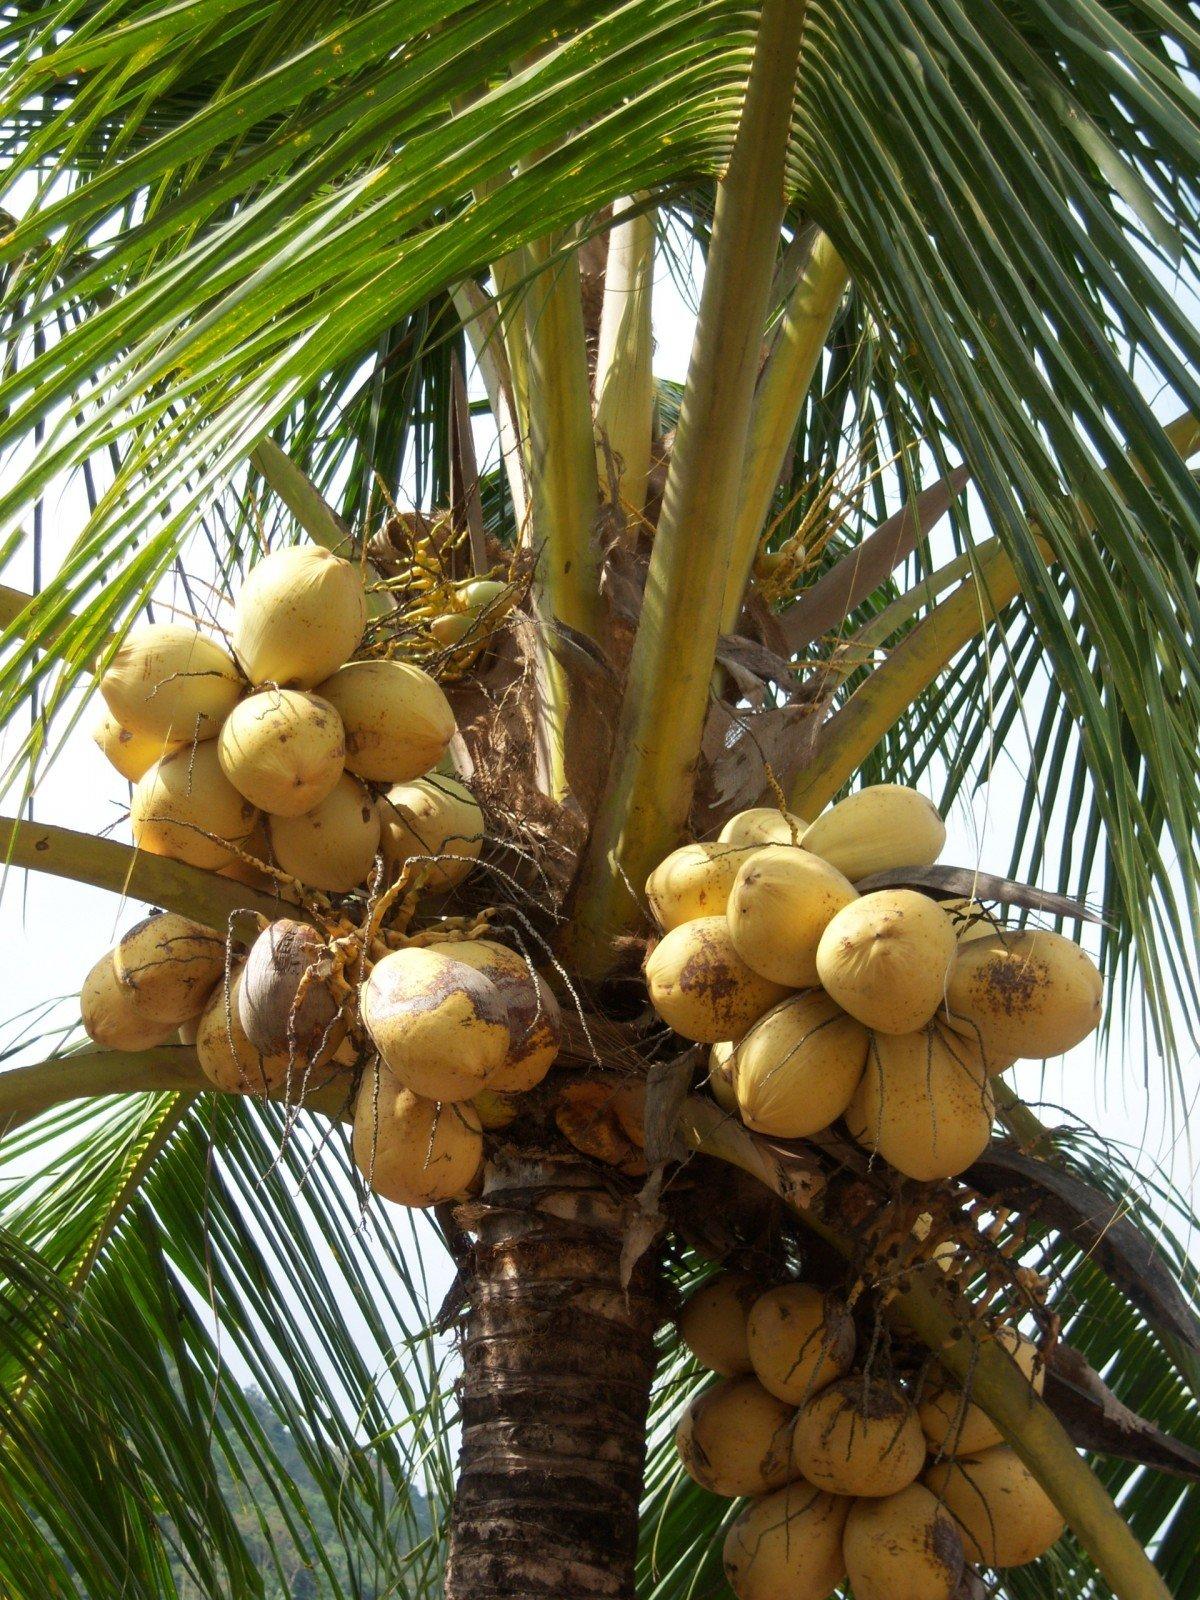 переполненном картинки где растут кокосы обожает позировать